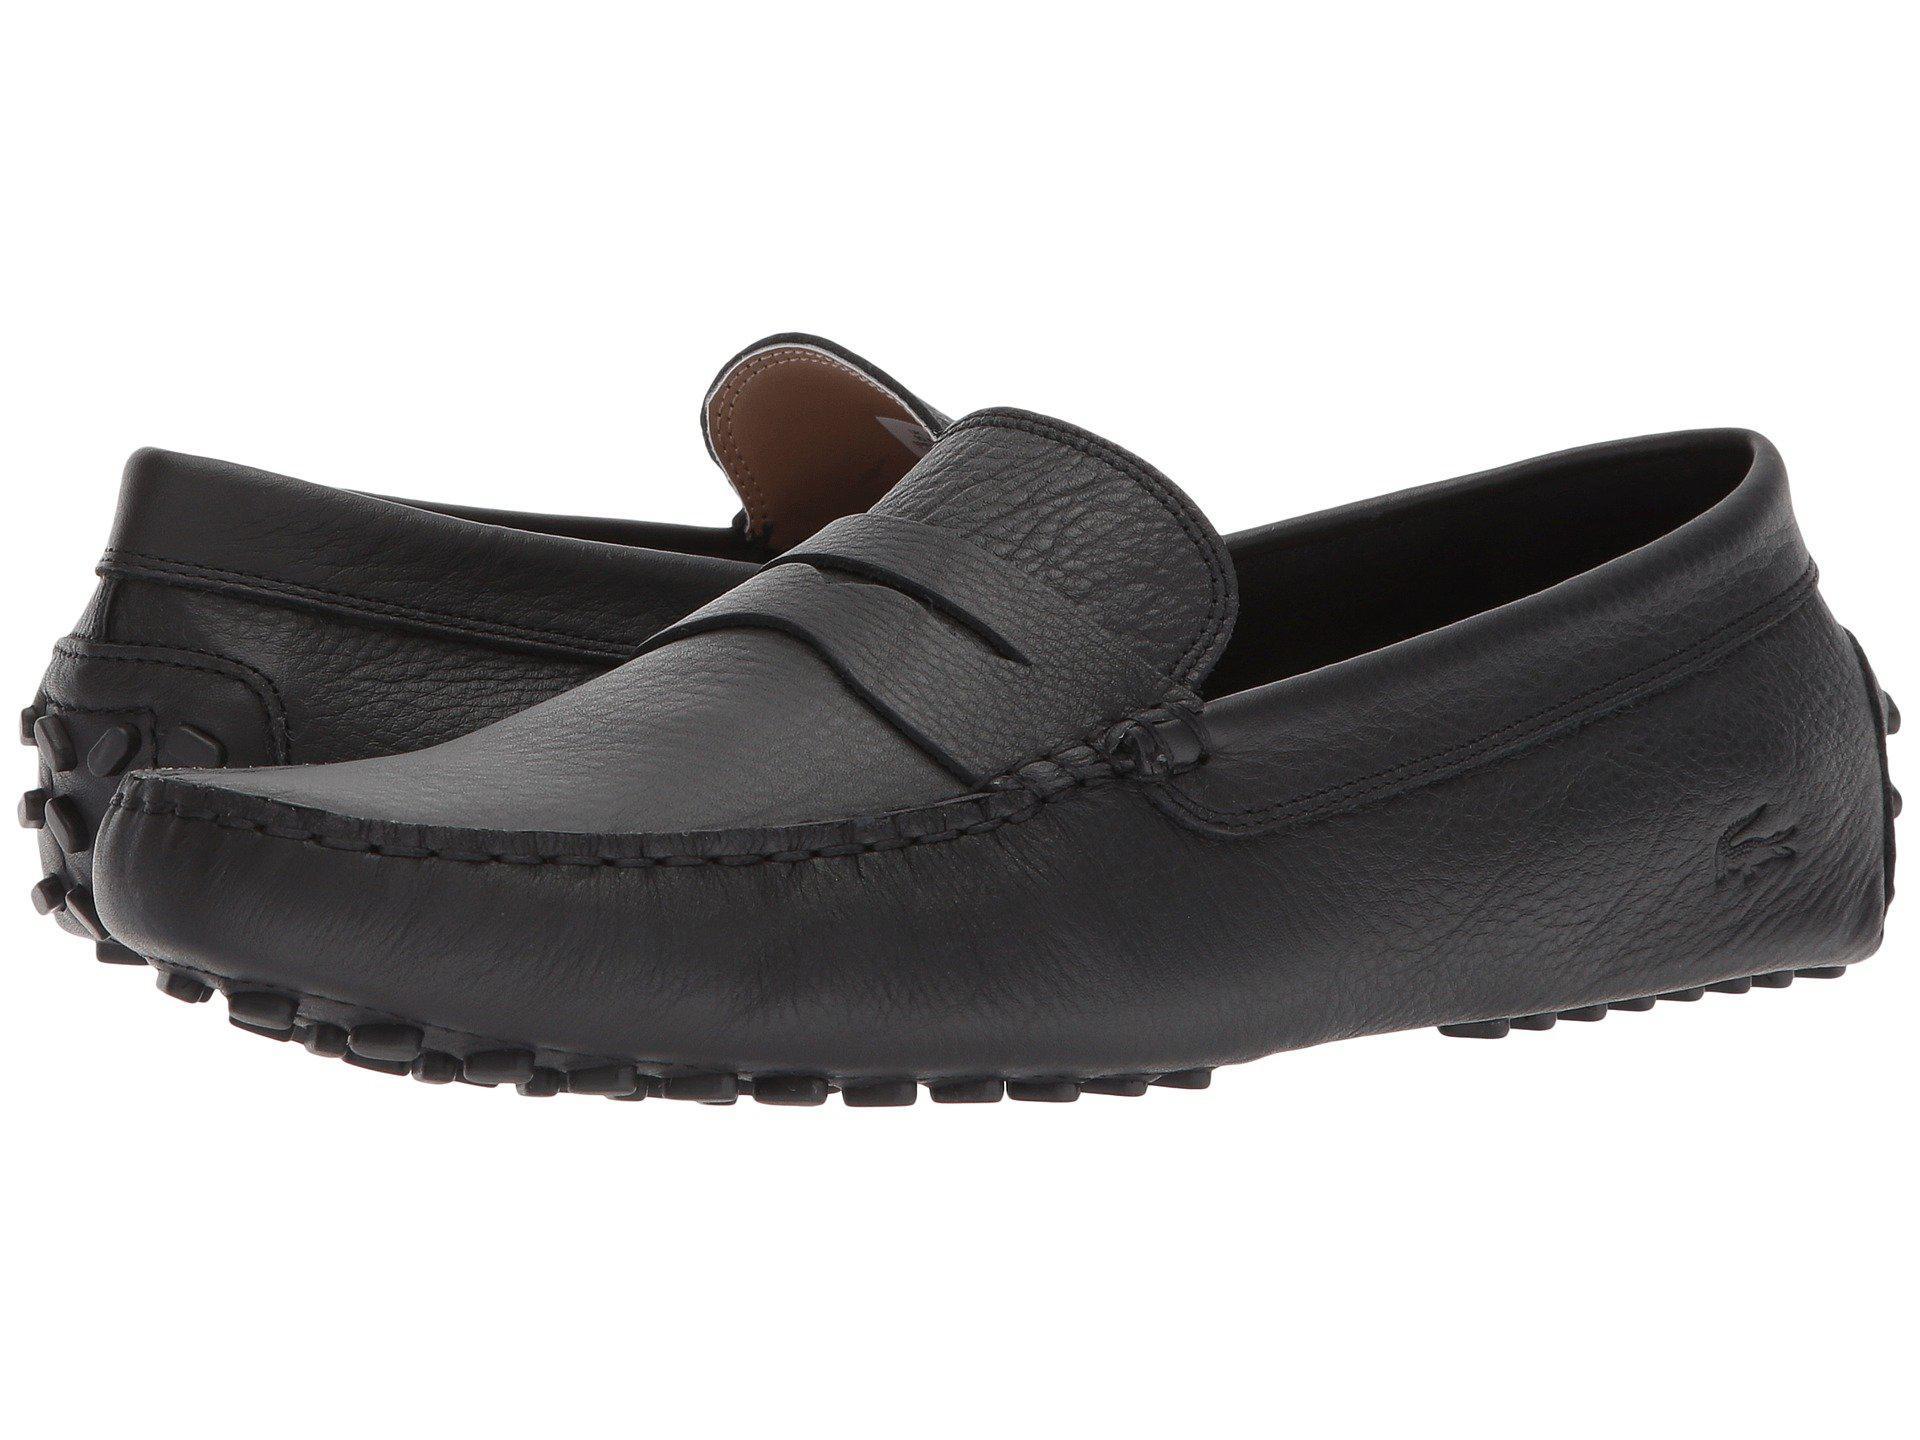 4ded437725d2 Lyst - Lacoste Concours 118 1 P (tan) Men s Shoes in Black for Men ...